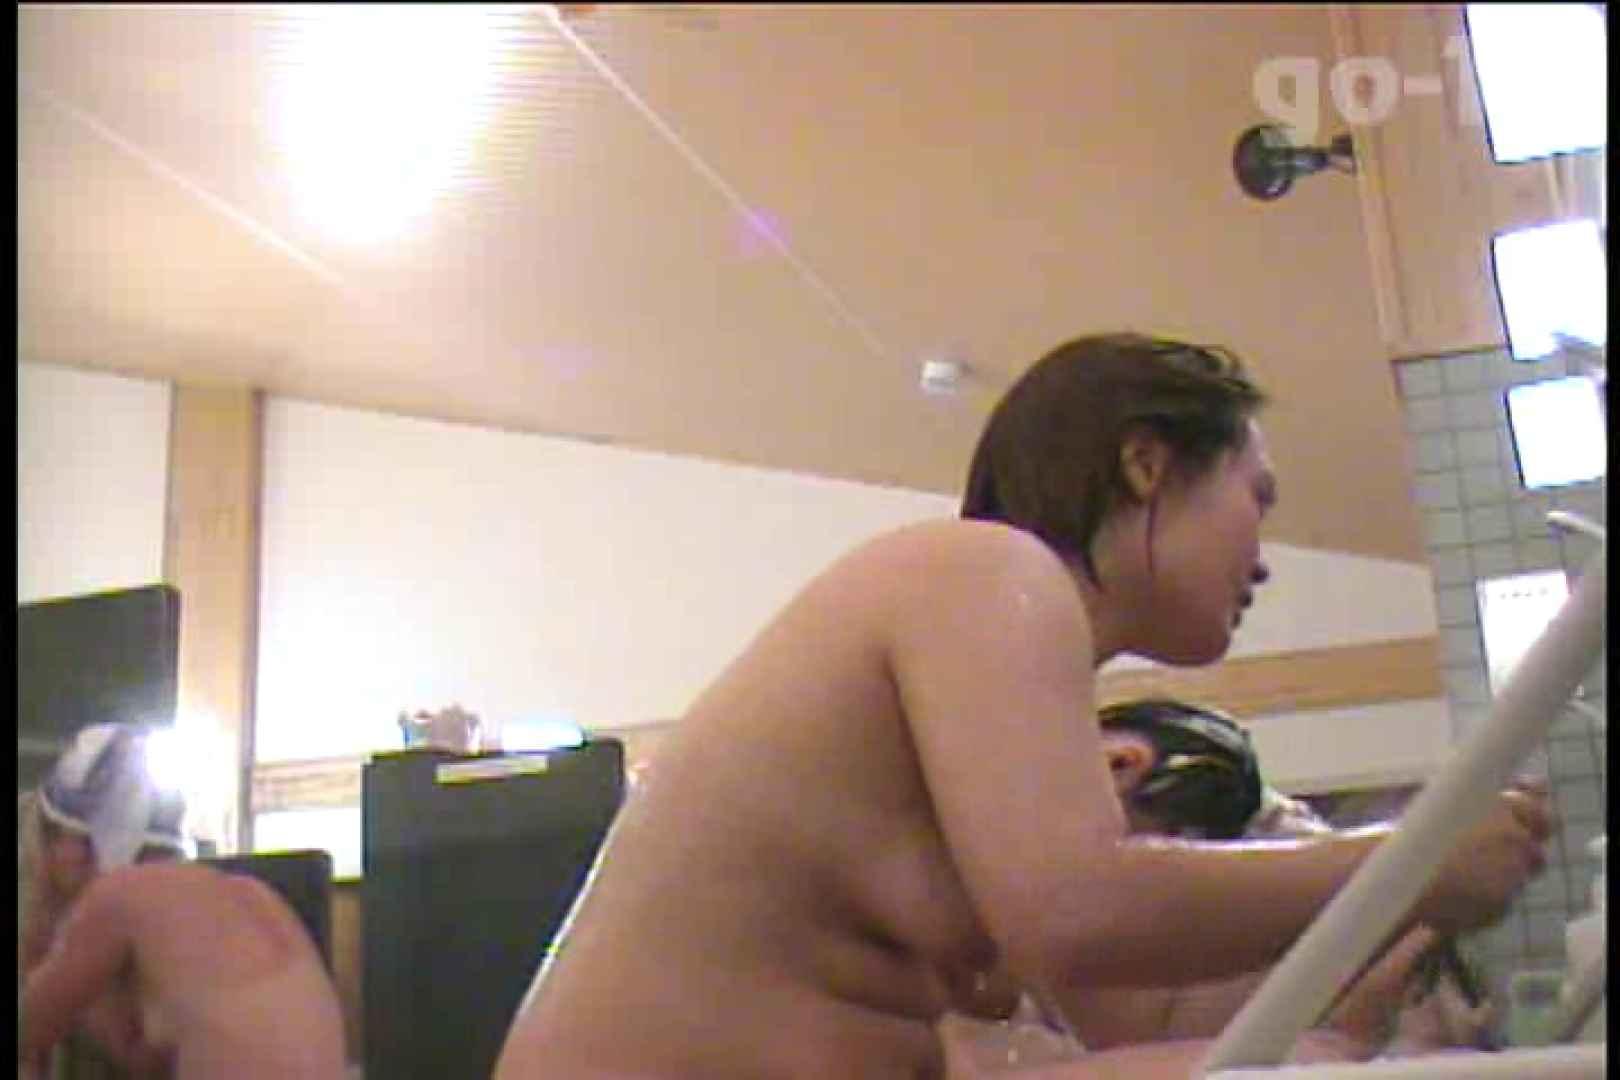 電波カメラ設置浴場からの防HAN映像 Vol.15 盗撮編 SEX無修正画像 108枚 94